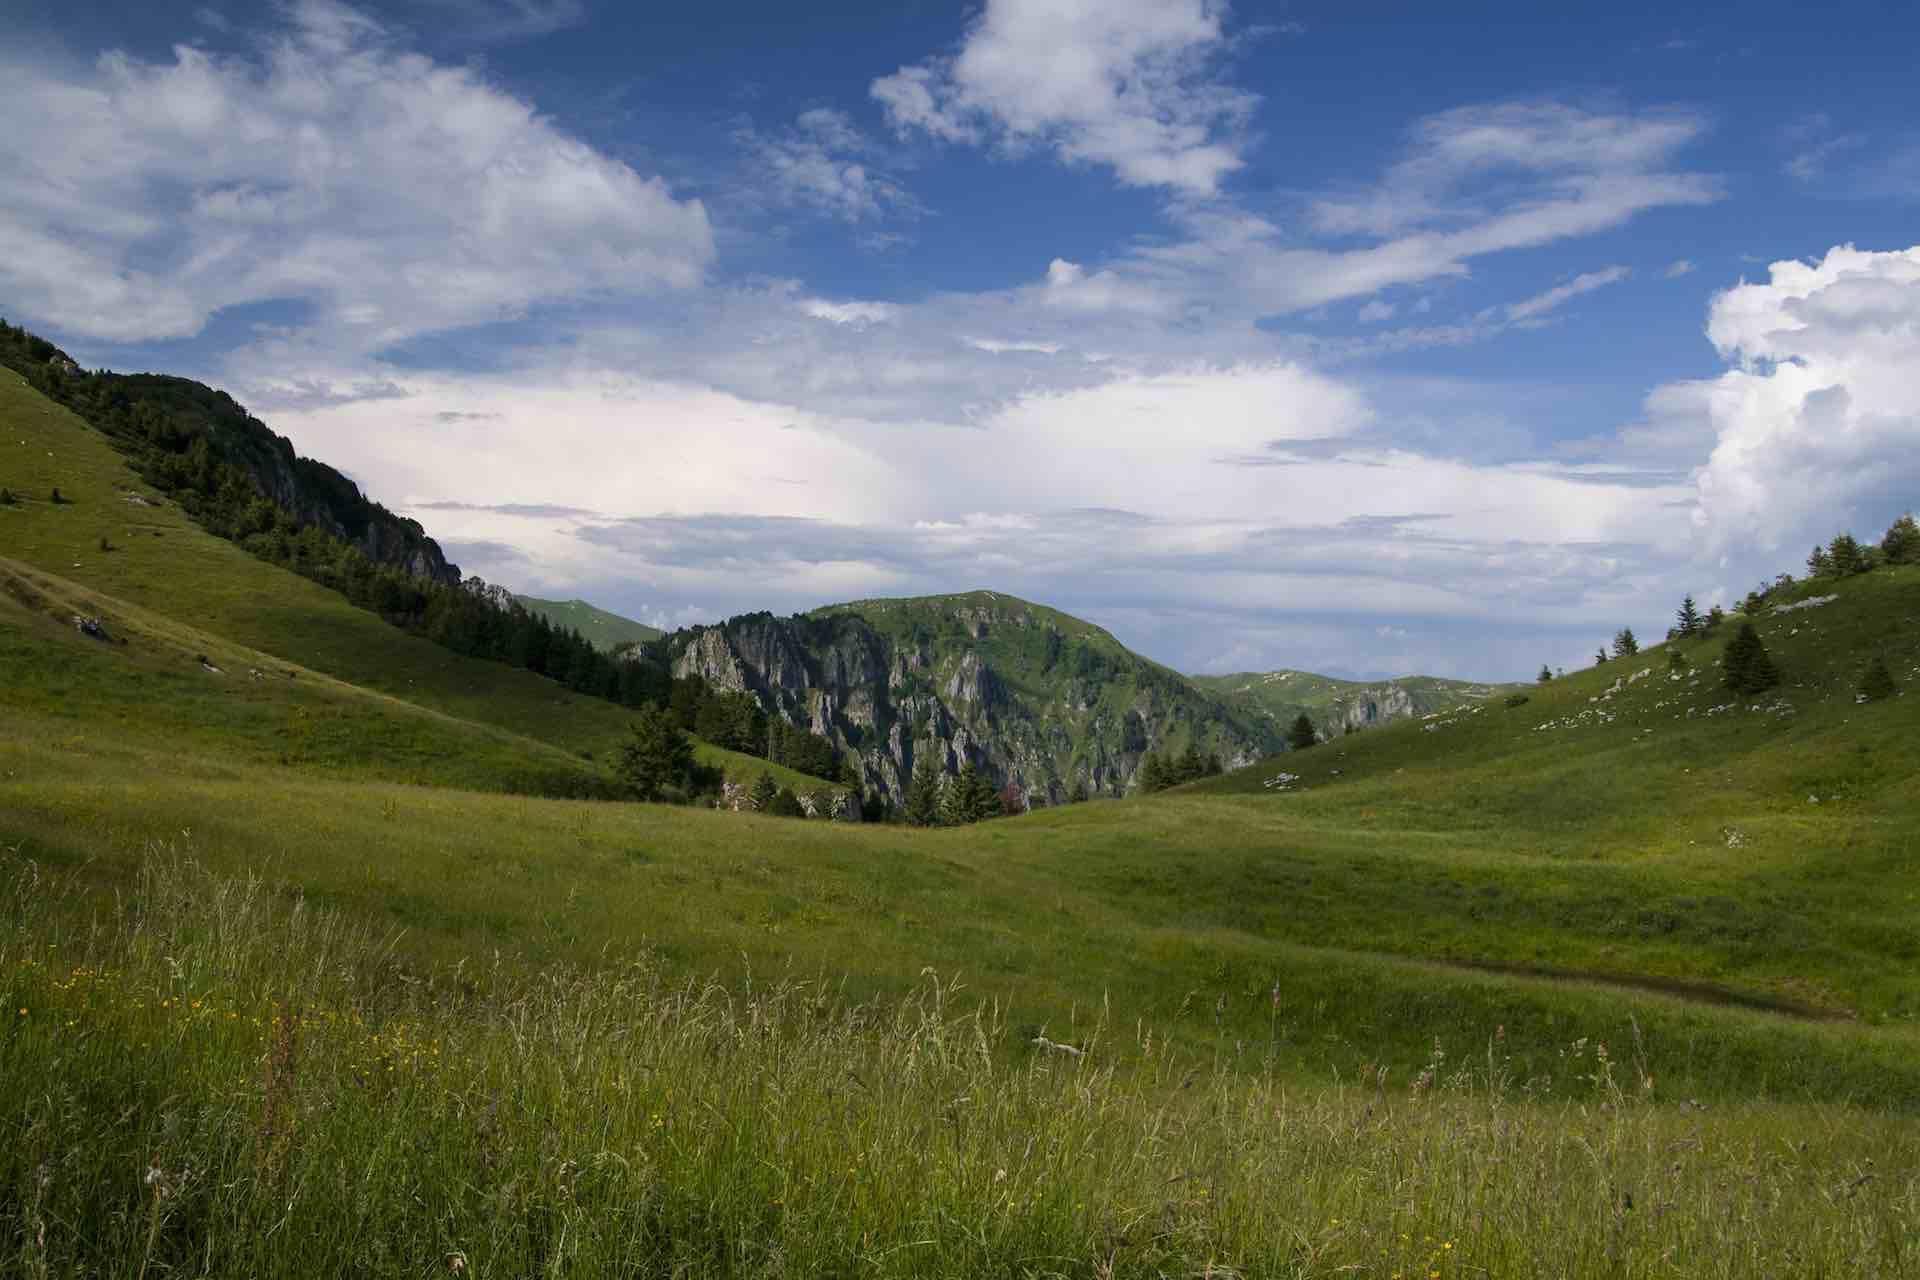 Trekking sull'Alta Via delle Prealpi Trevigiane TV1 per conoscere la montagna trevigiana che si affaccia sulla Laguna di Venezia